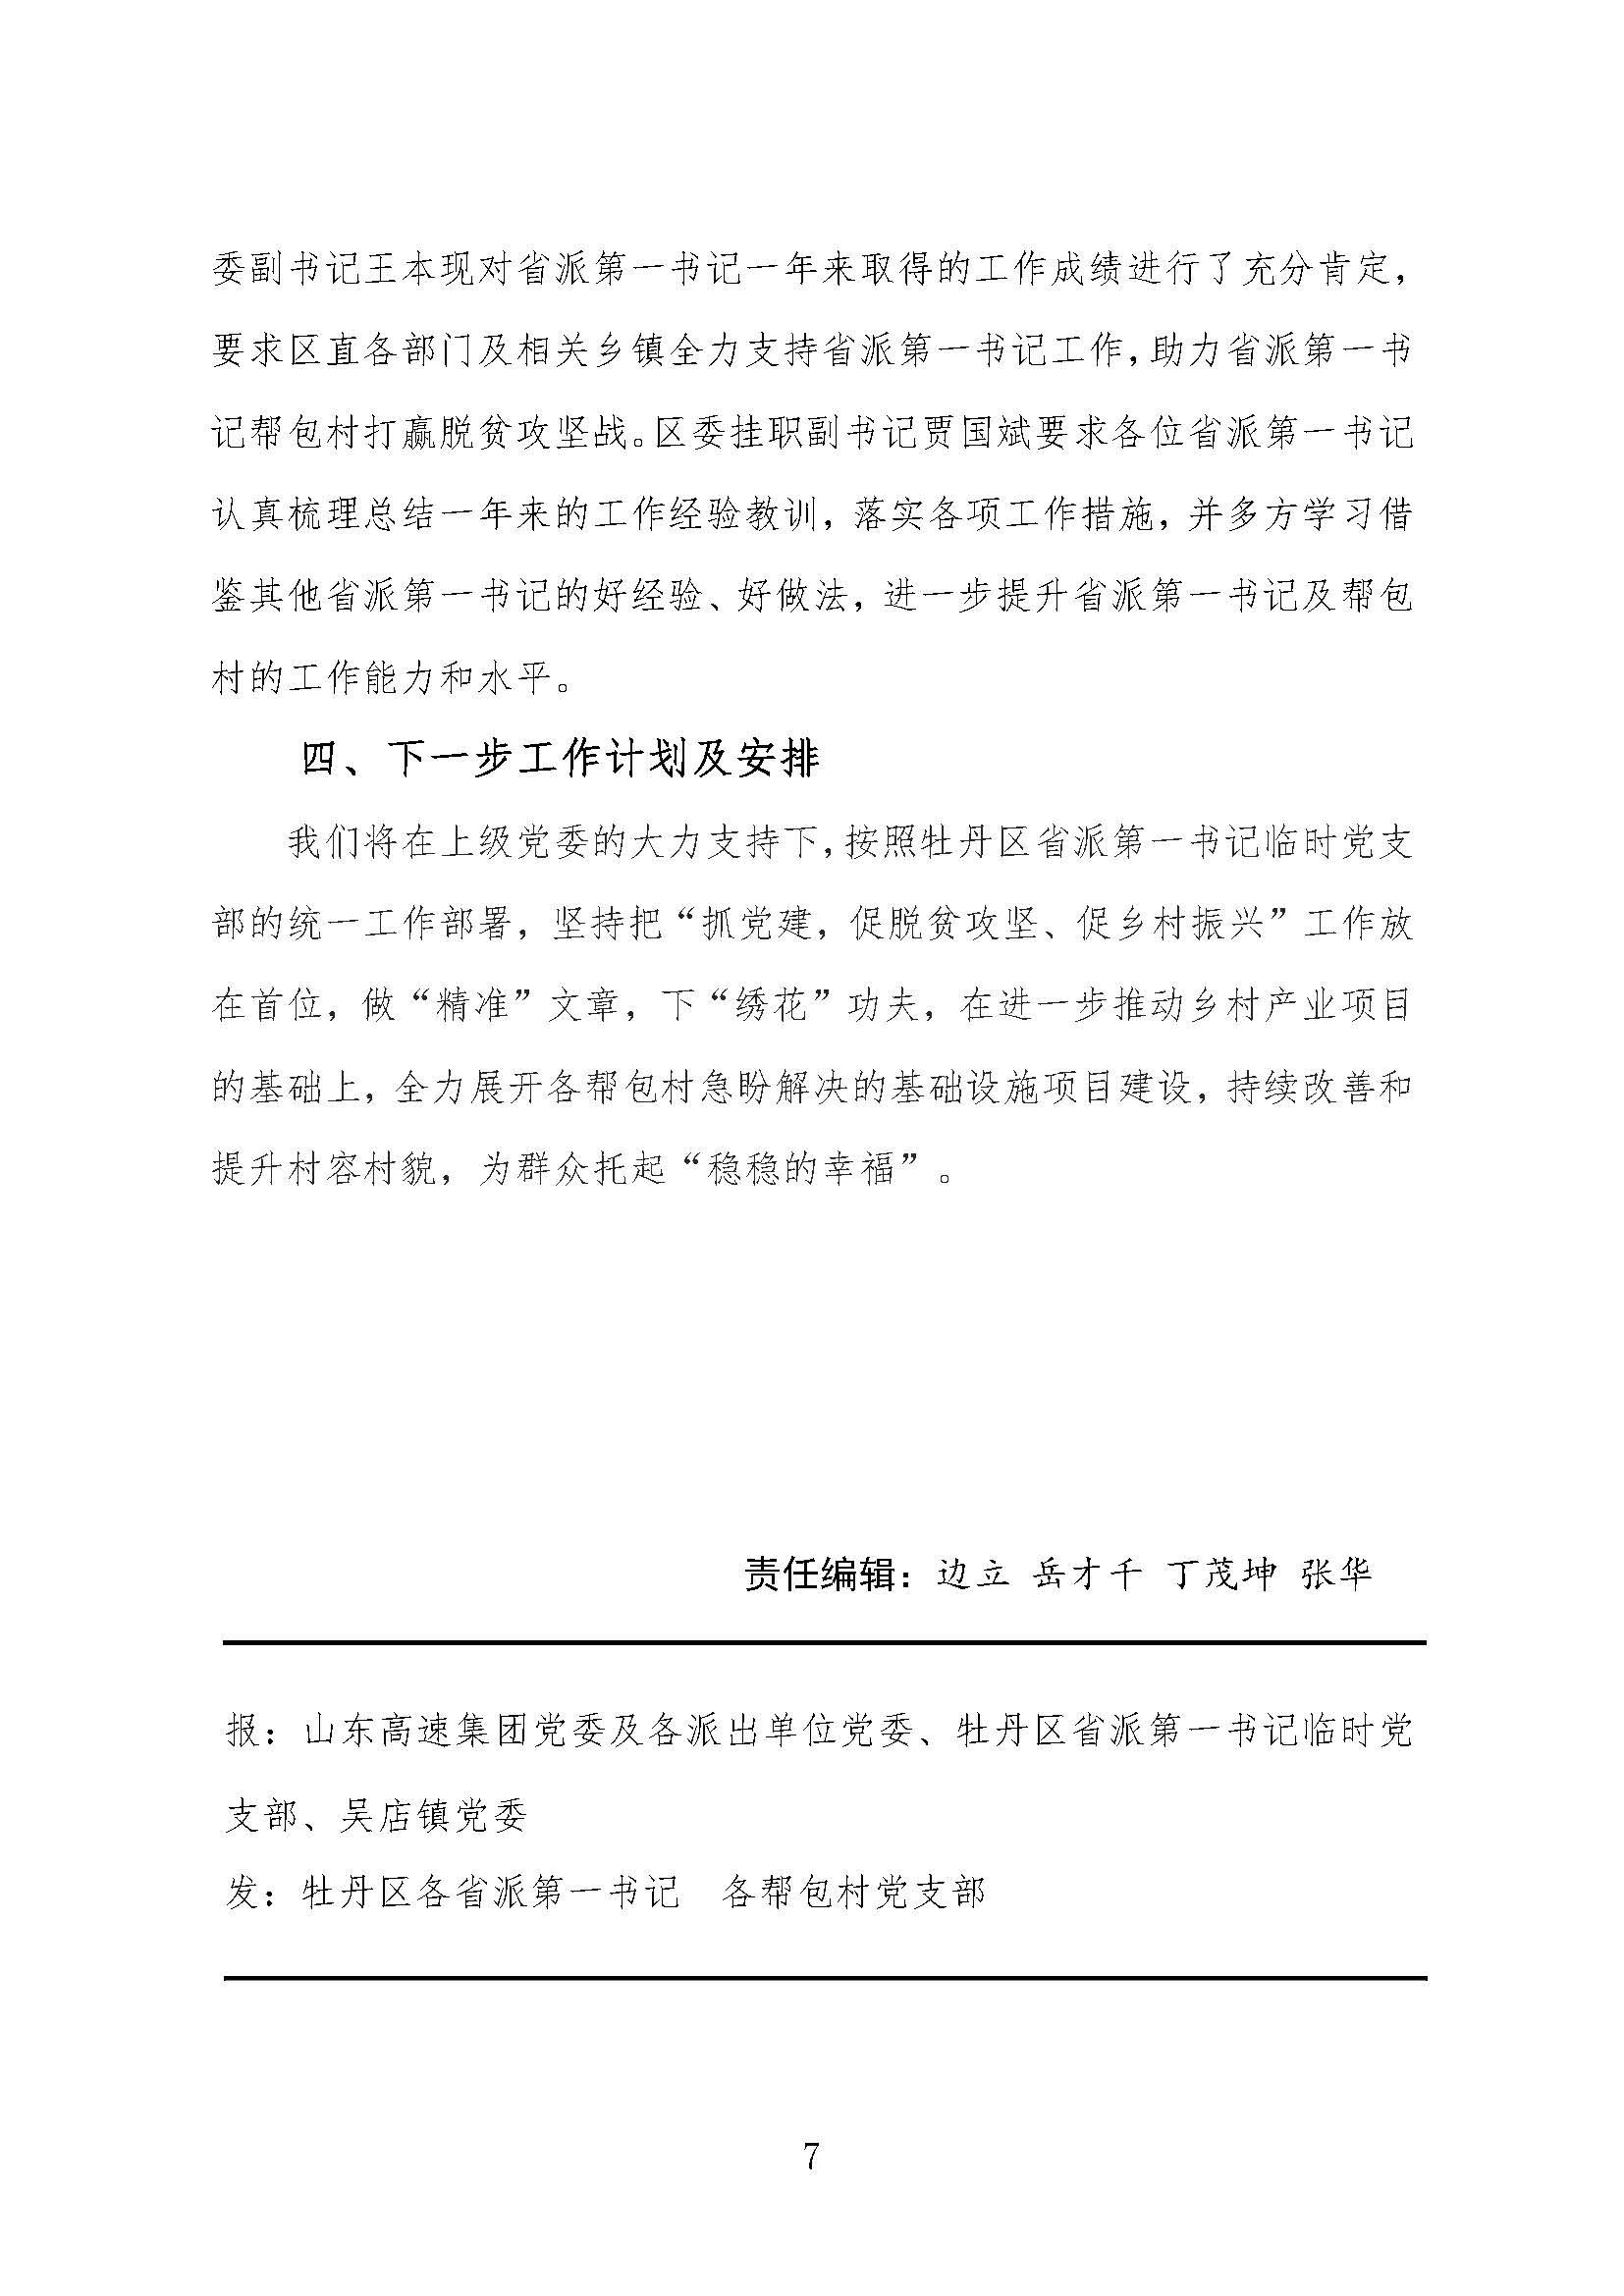 山东高速集团省派第一书记工作简讯-第12期_页面_7